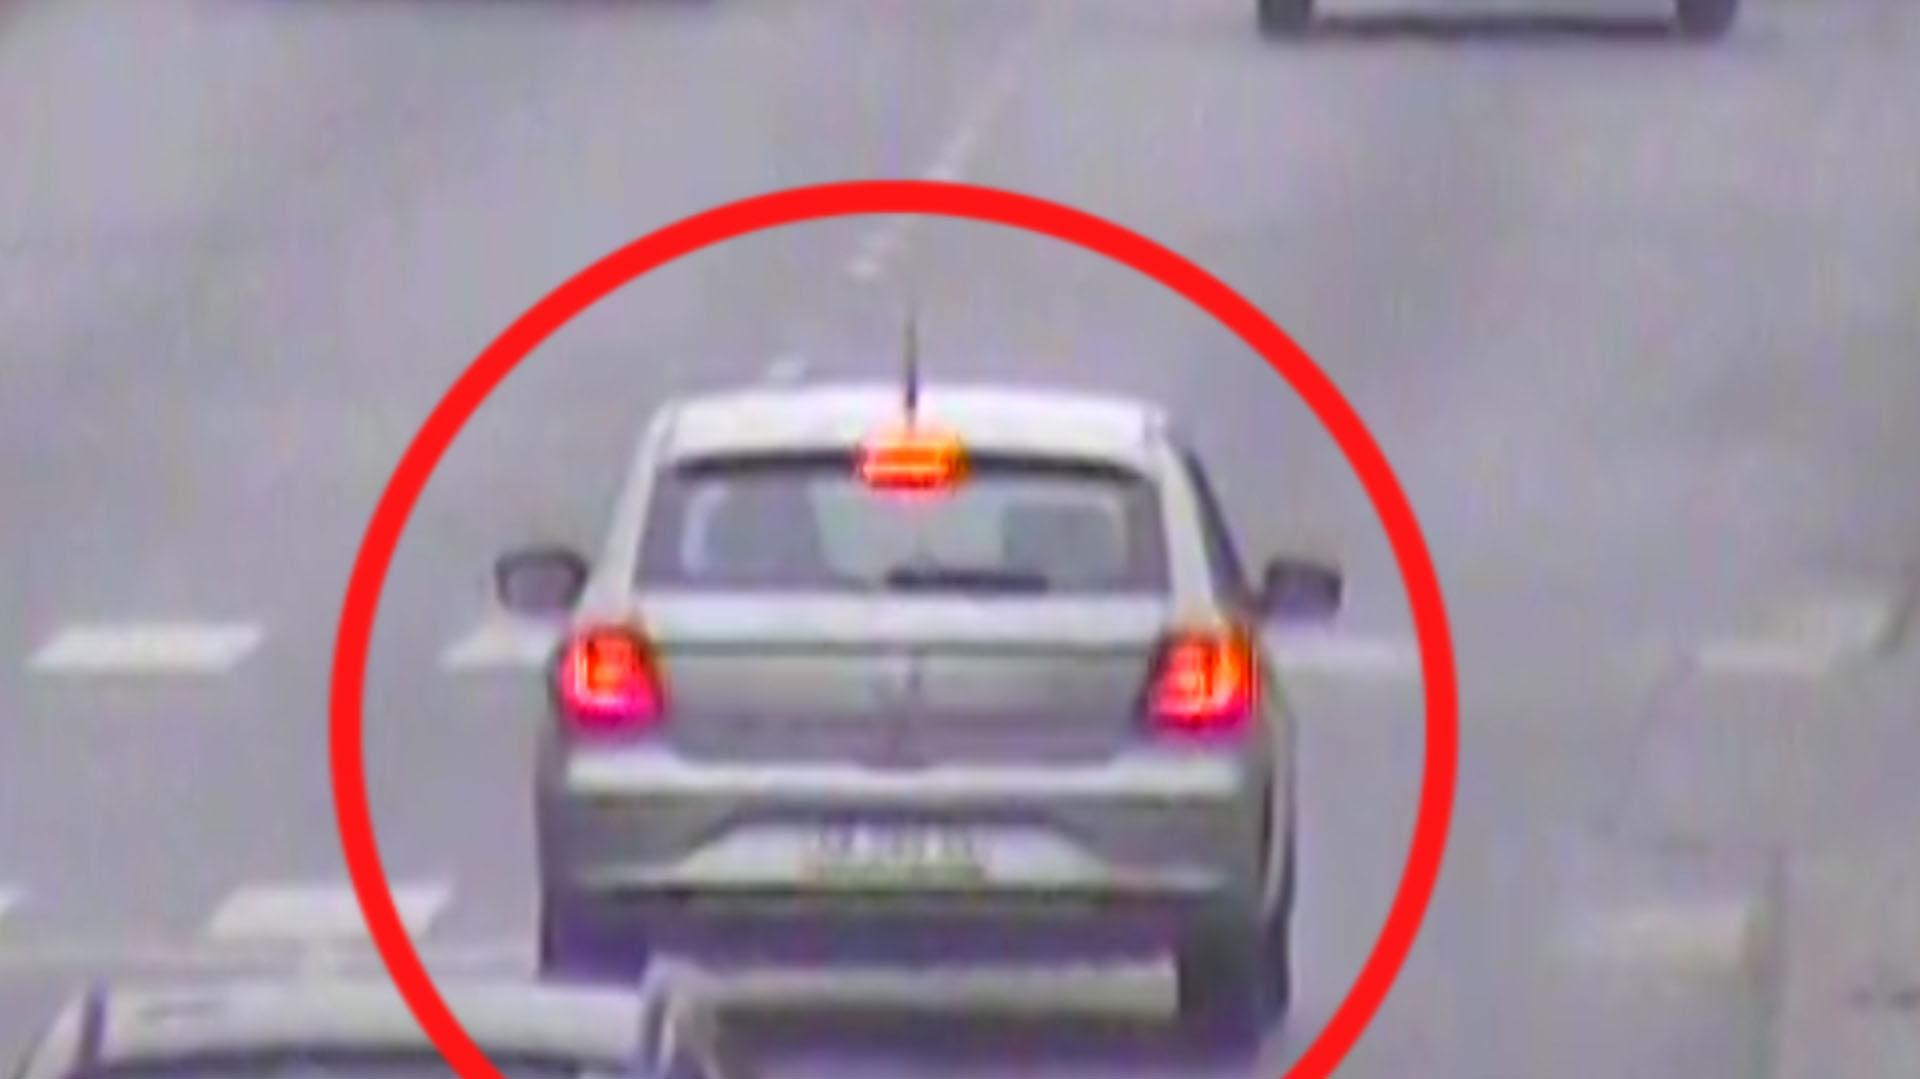 El VW Gol gris se dirigía por la avenida Hipólito Yrigoyen hacia el centro de Tigre